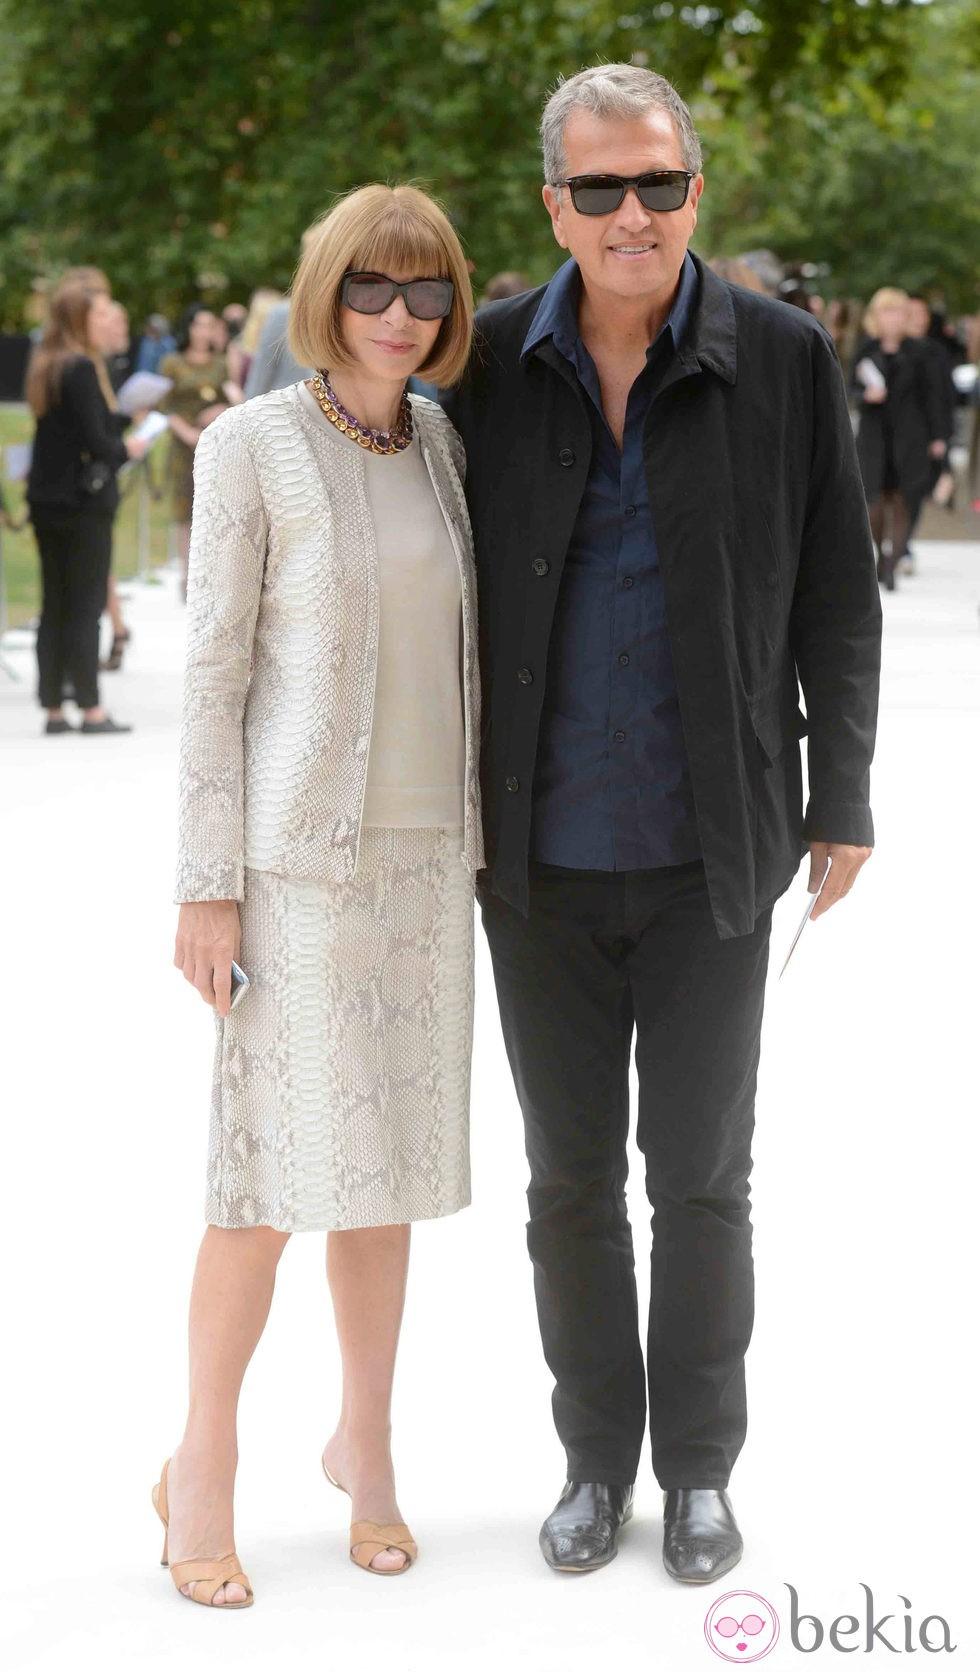 Anna Wintour y Mario Testino en la Semana de la Moda de Londres primavera/verano 2013